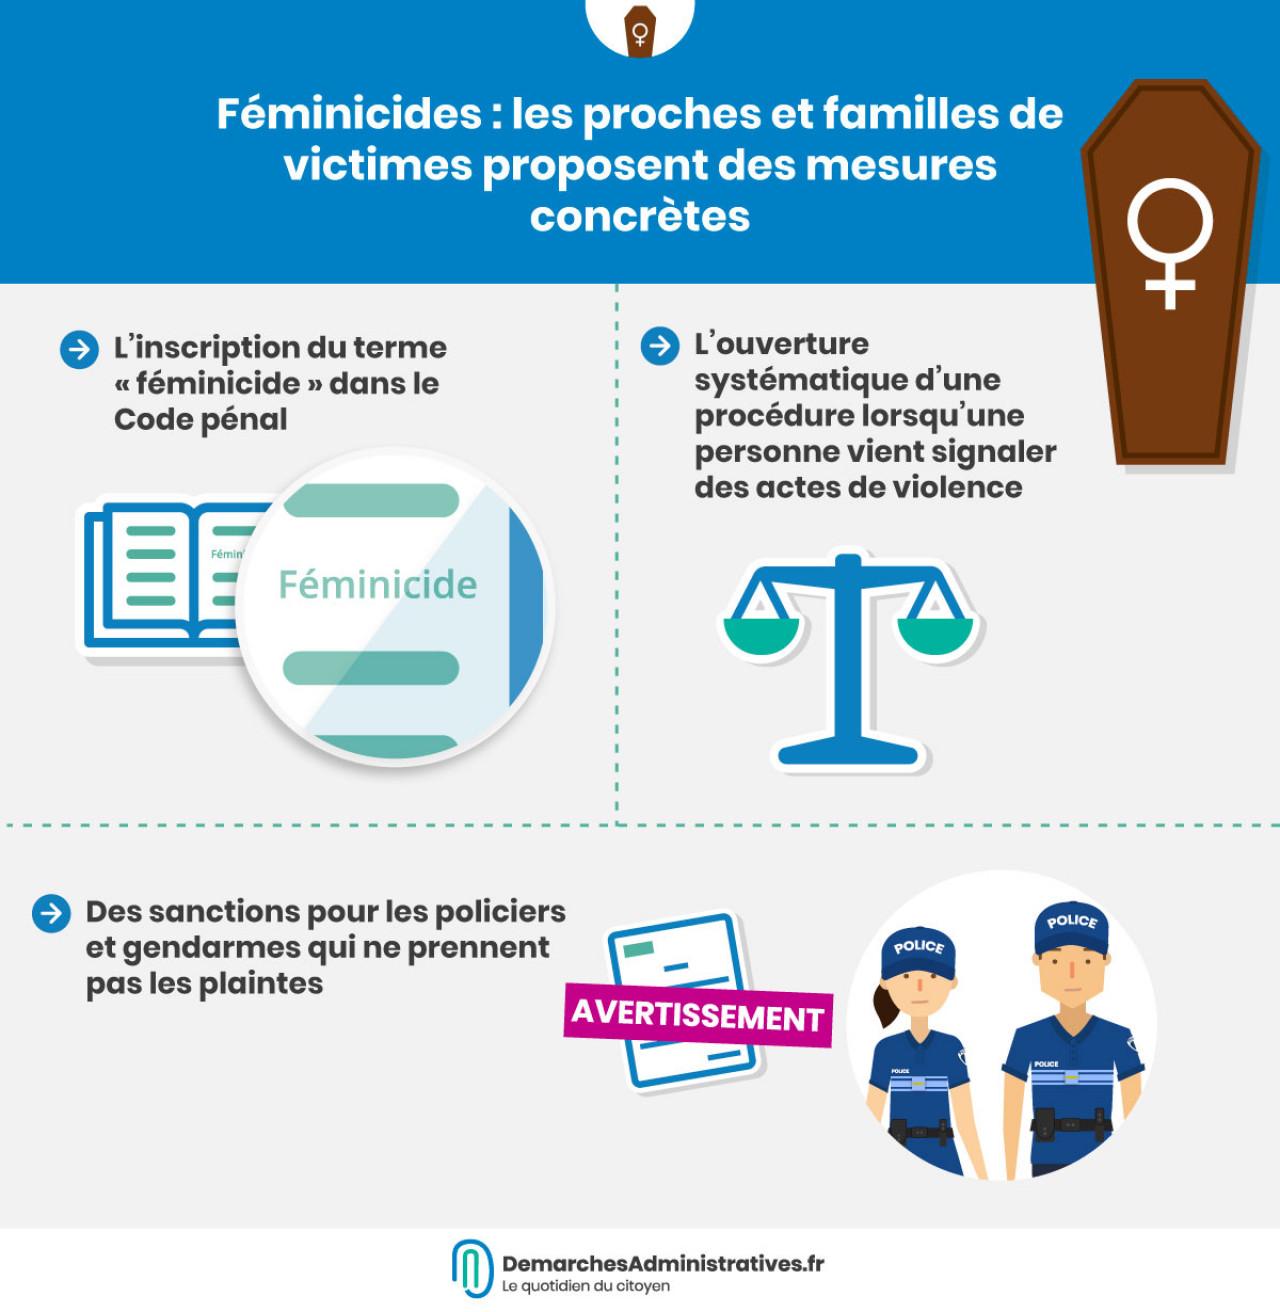 Féminicides : Des mesures concrètes proposées par les proches des victimes